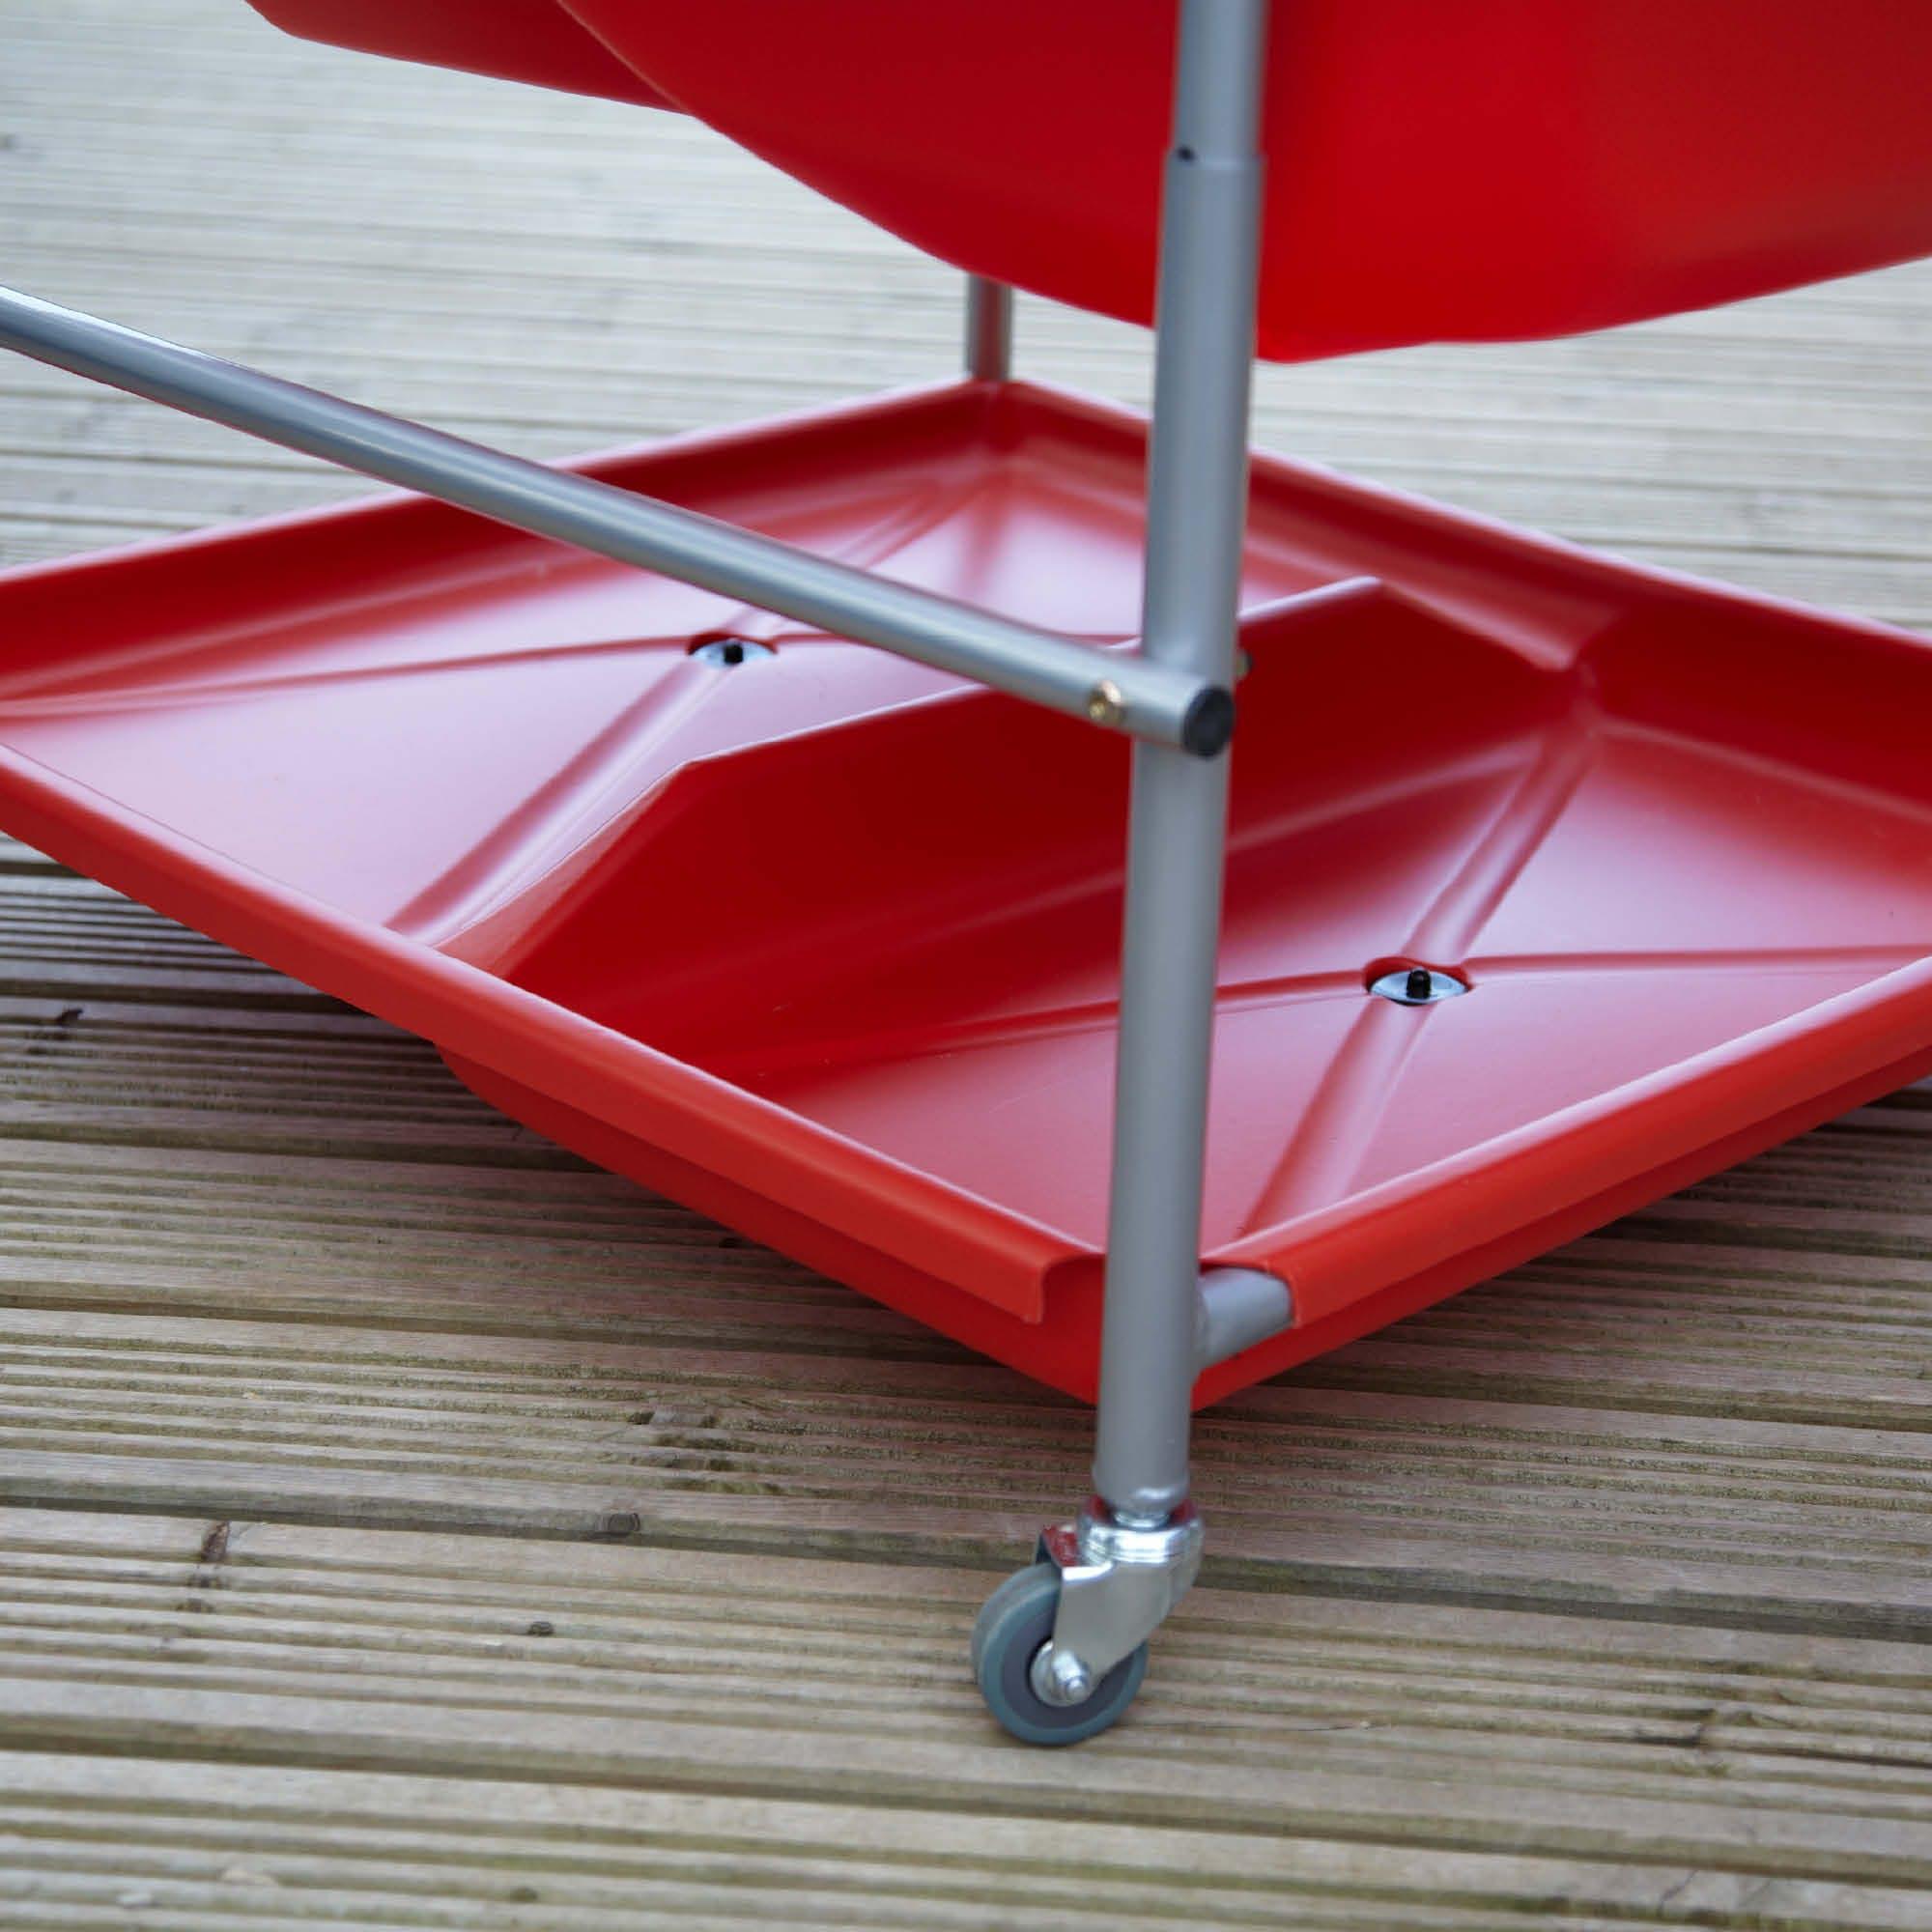 Red Storage Shelf